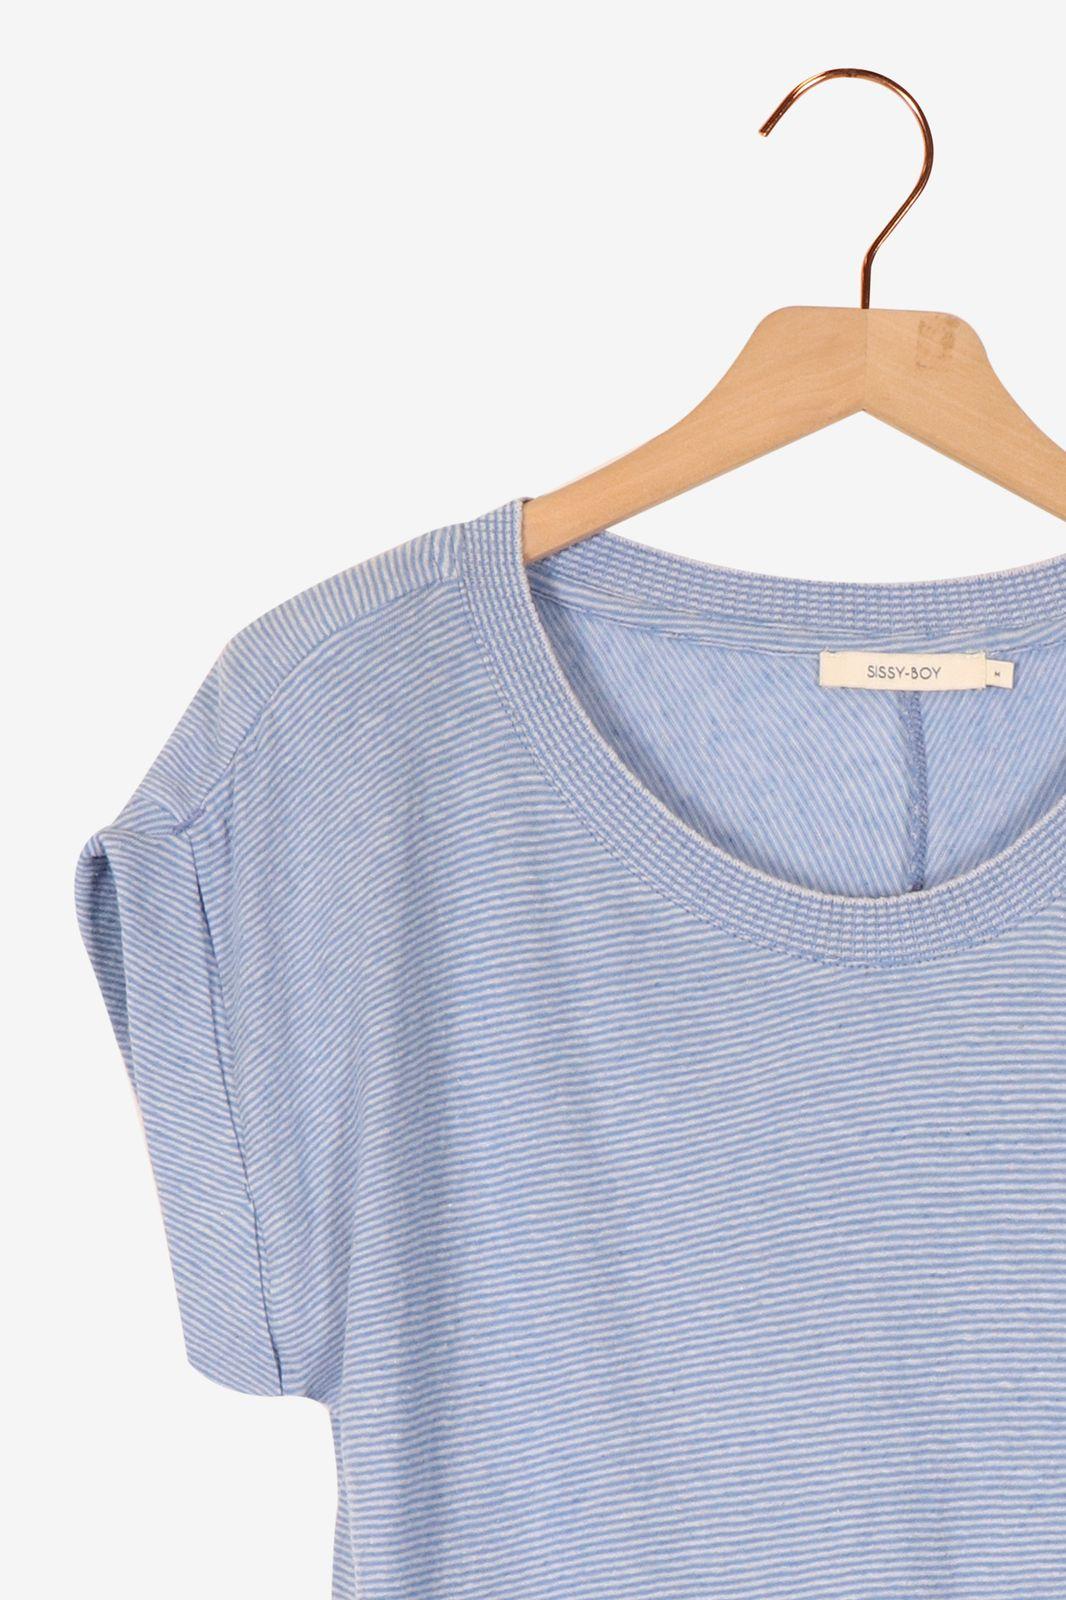 Lichtblauw t-shirt gestreept - Dames | Sissy-Boy